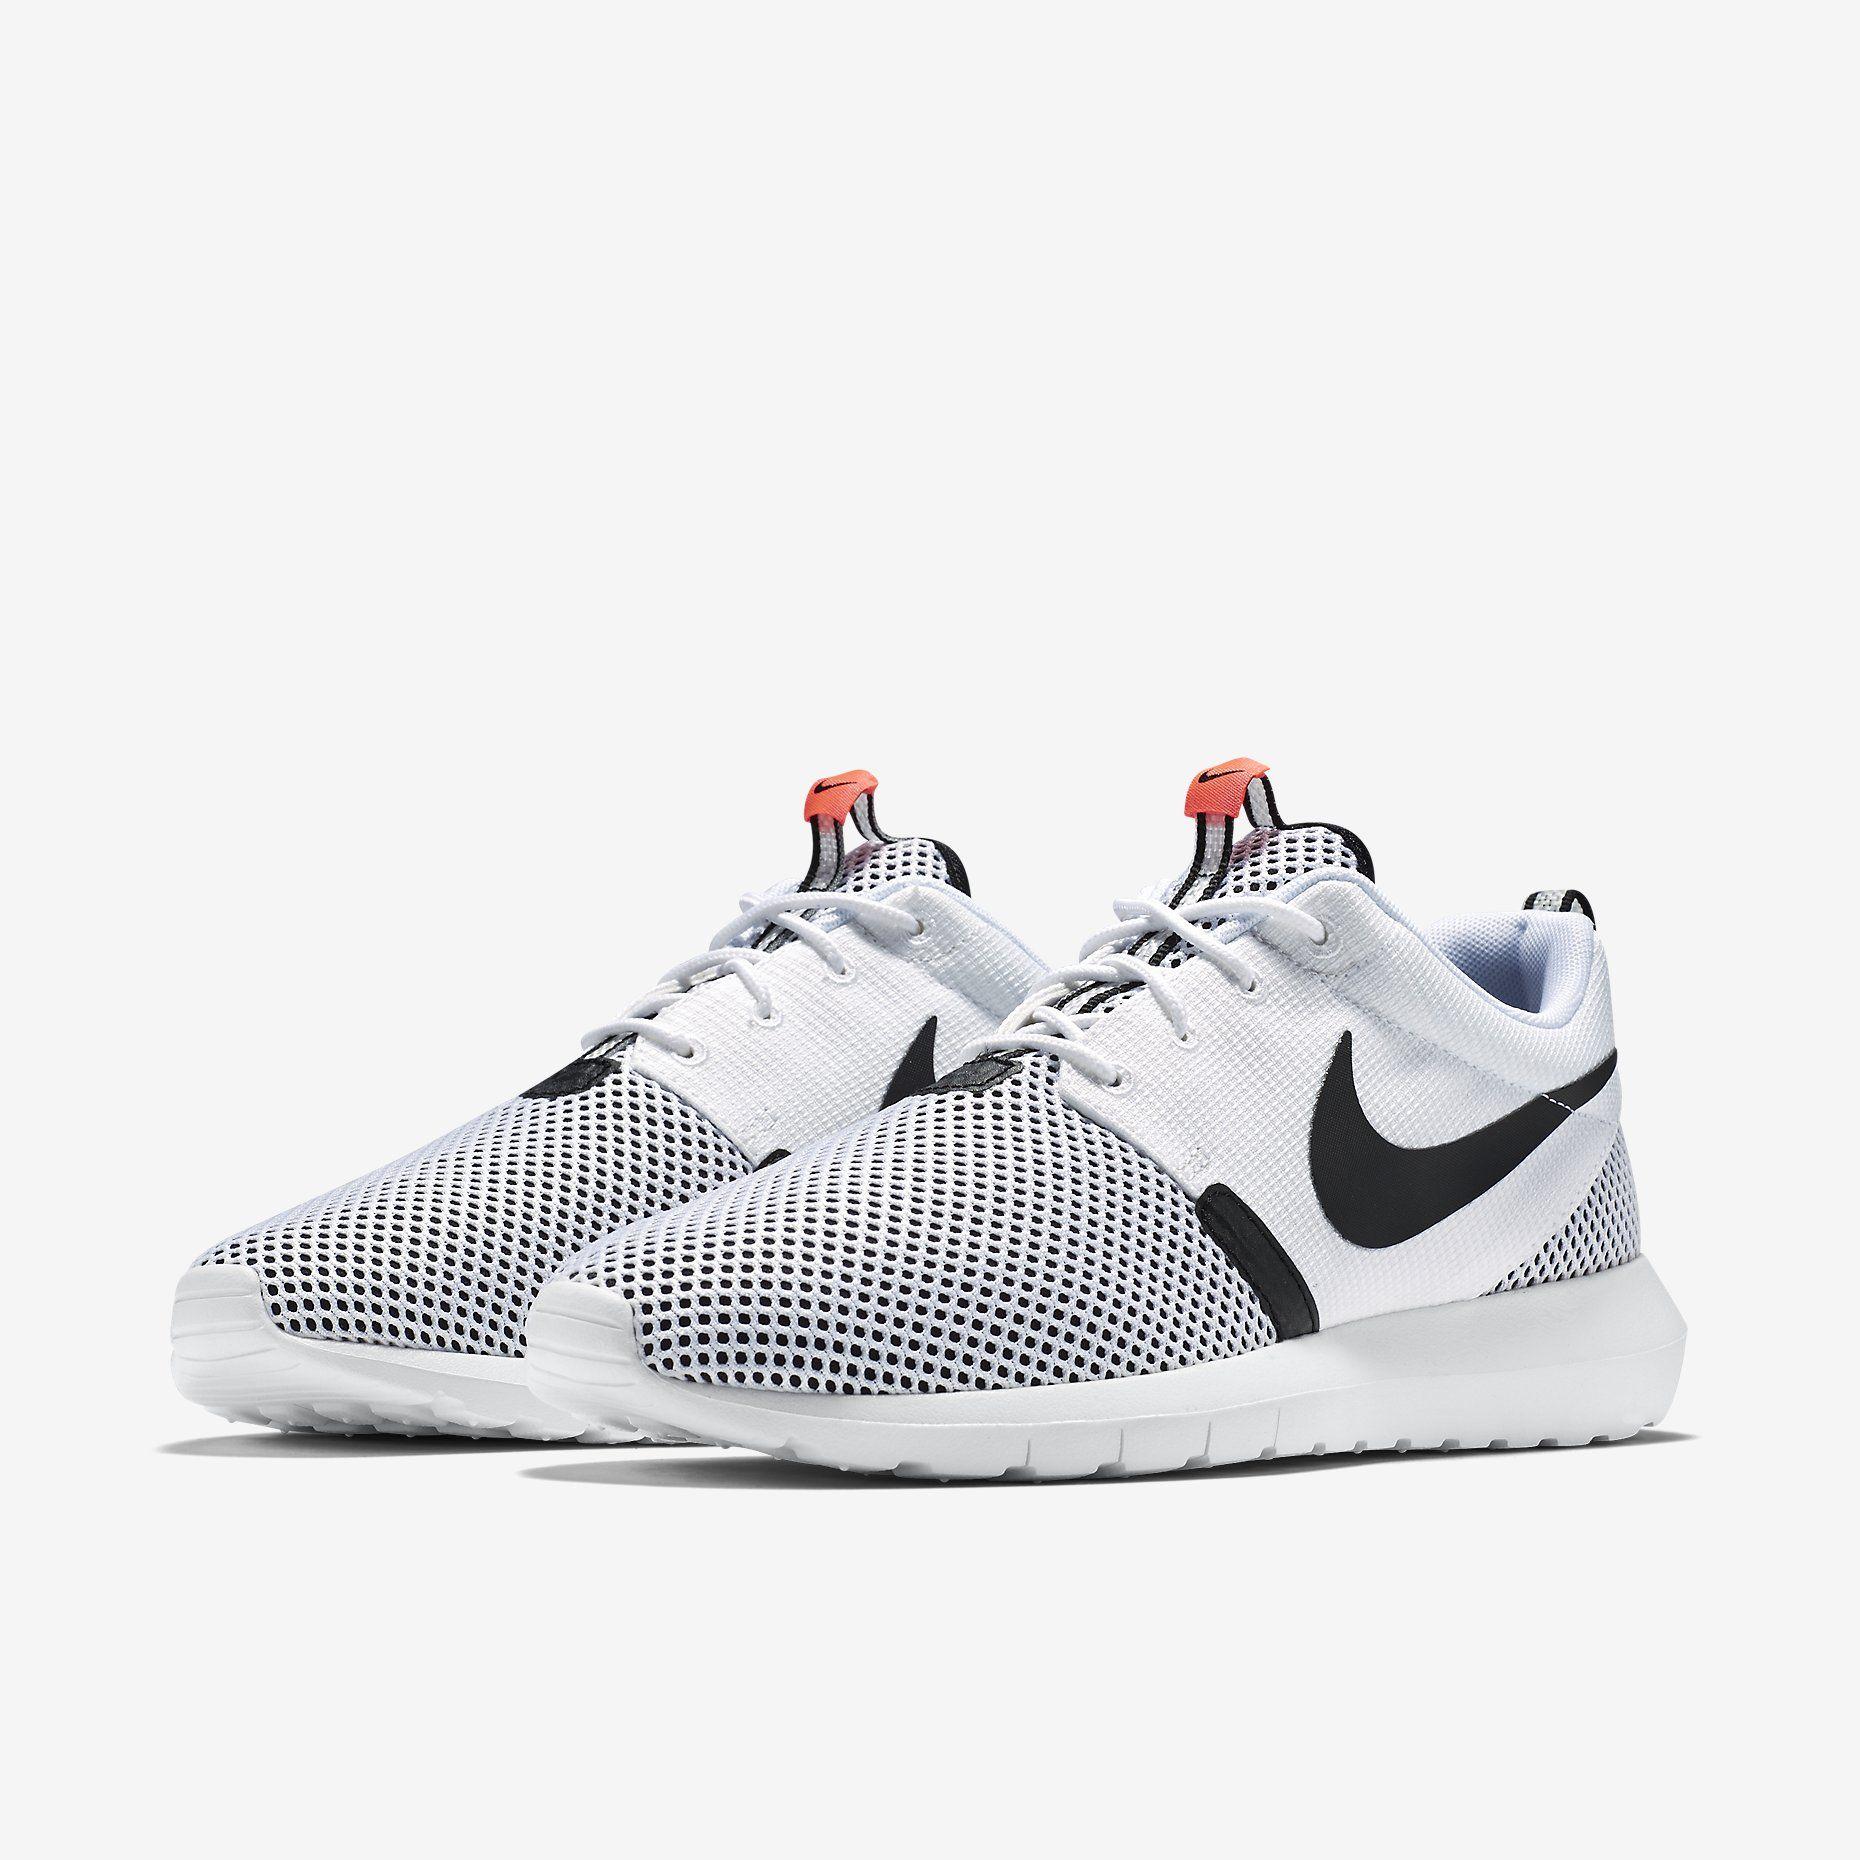 achat Nike Roshe Un Jeu D'enfant Nm Acheter Acheter vente recherche commercialisable à vendre nouvelle mode d'arrivée acheter 6h4VrRz